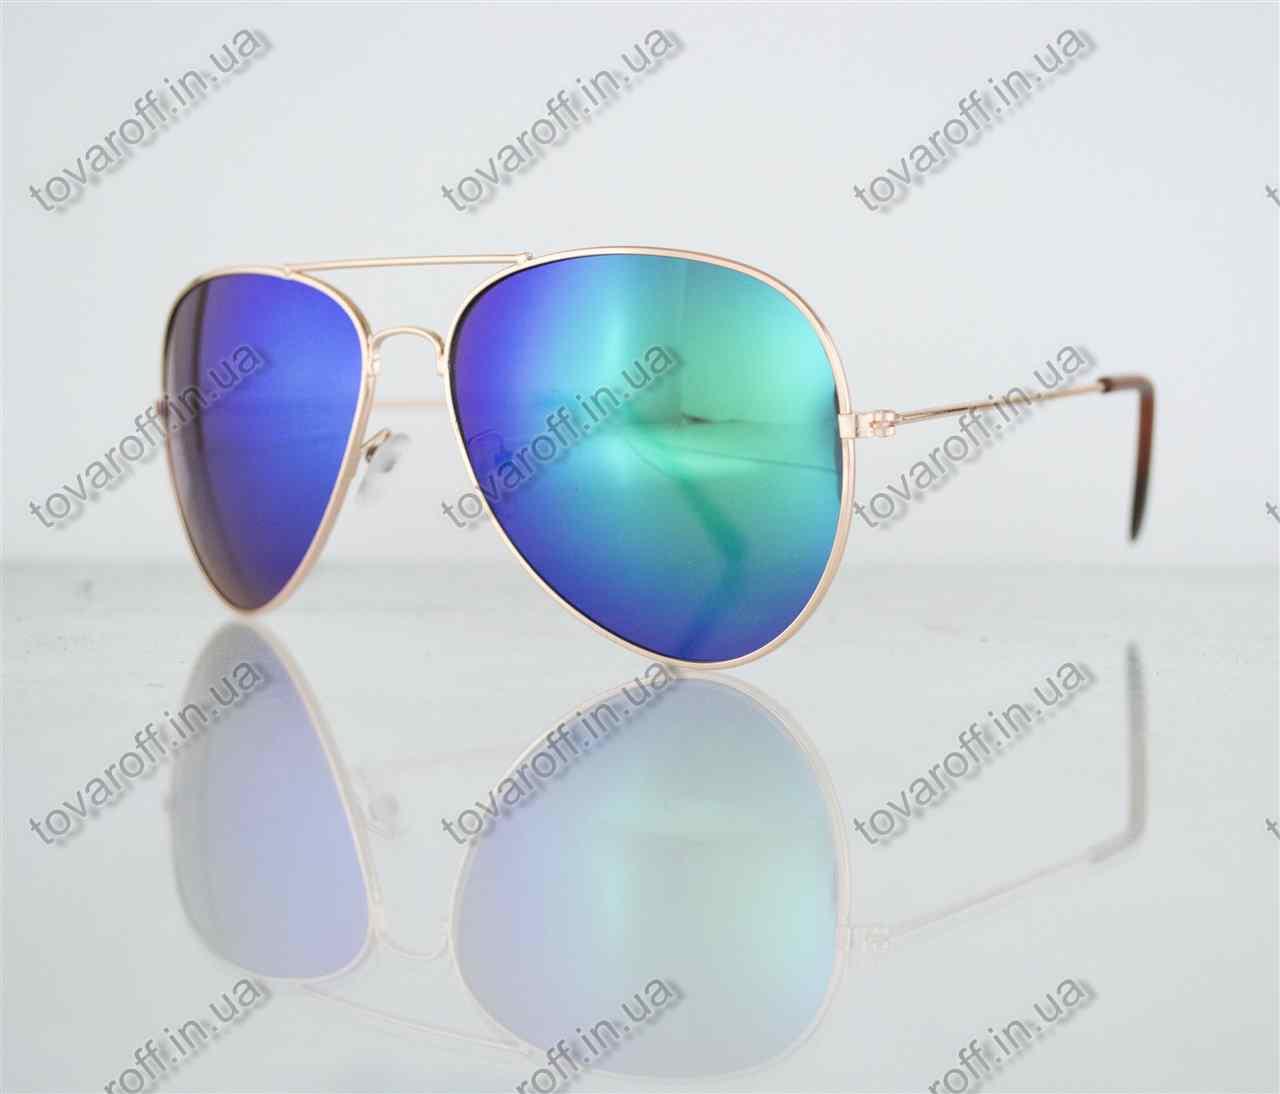 Оптом очки унисекс солнцезащитные Aviator (Авиатор) зеркальные - Золотые - 3010